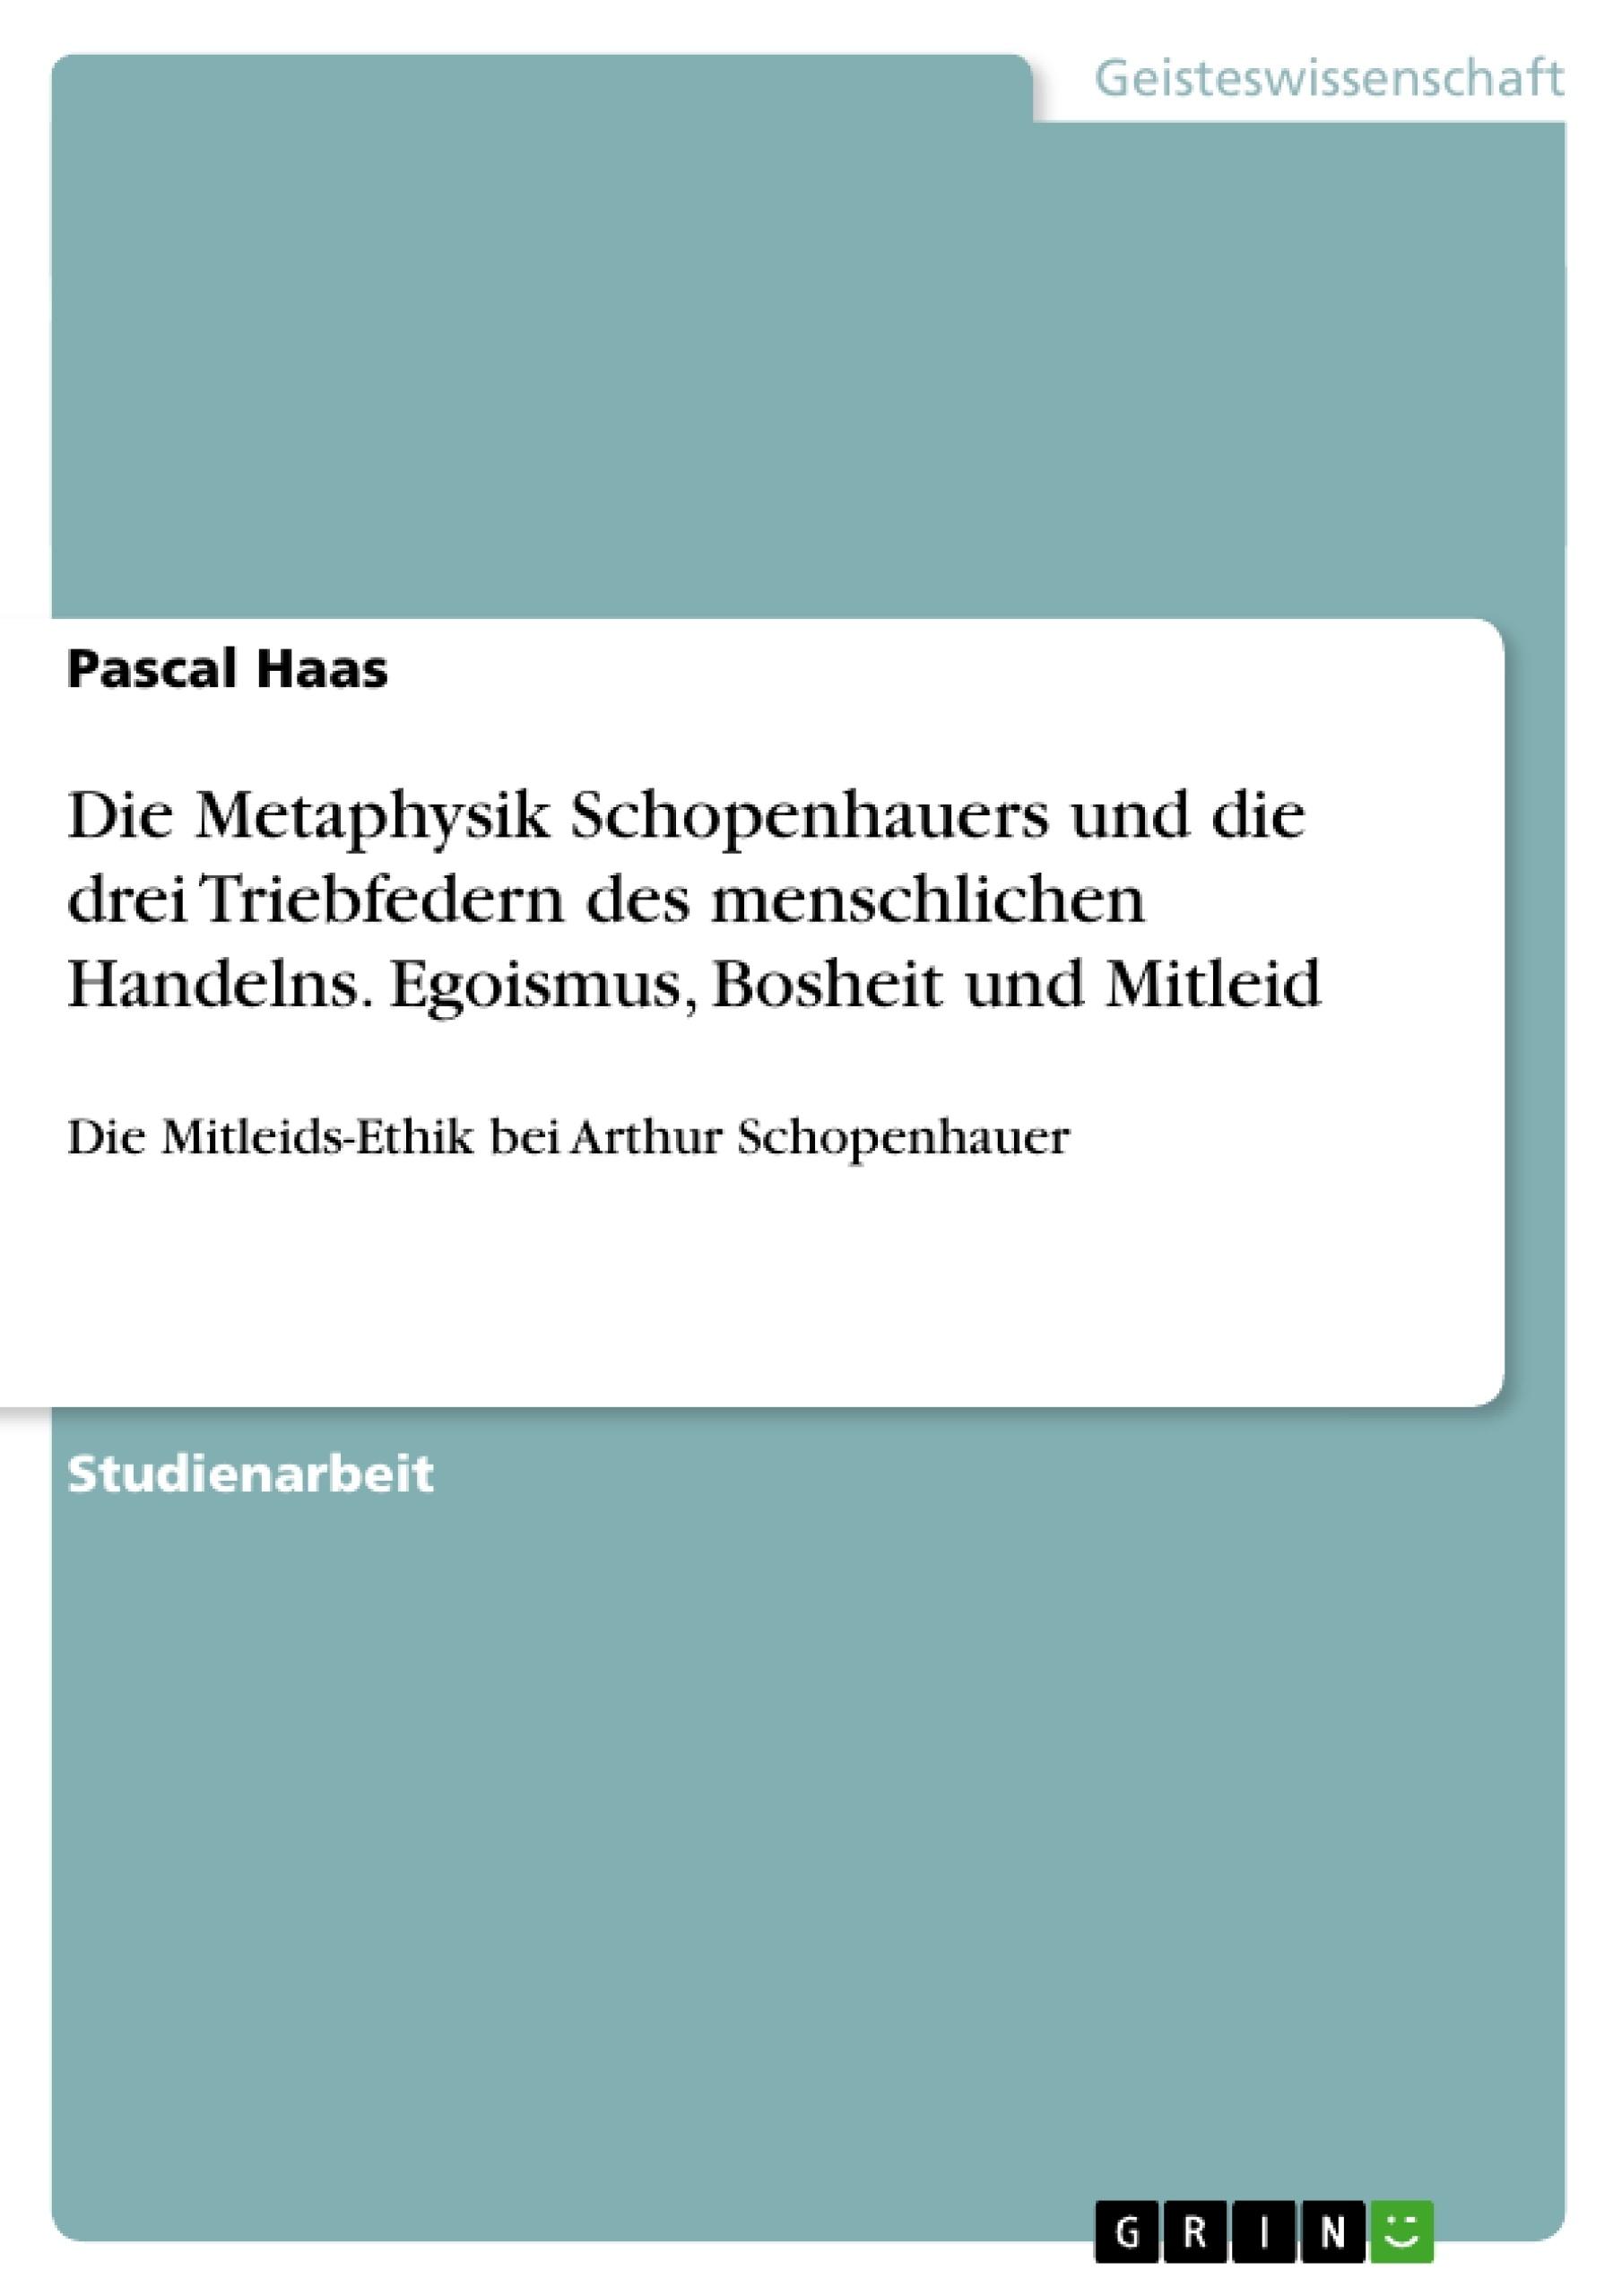 Titel: Die Metaphysik Schopenhauers und die drei Triebfedern des menschlichen Handelns. Egoismus, Bosheit und Mitleid